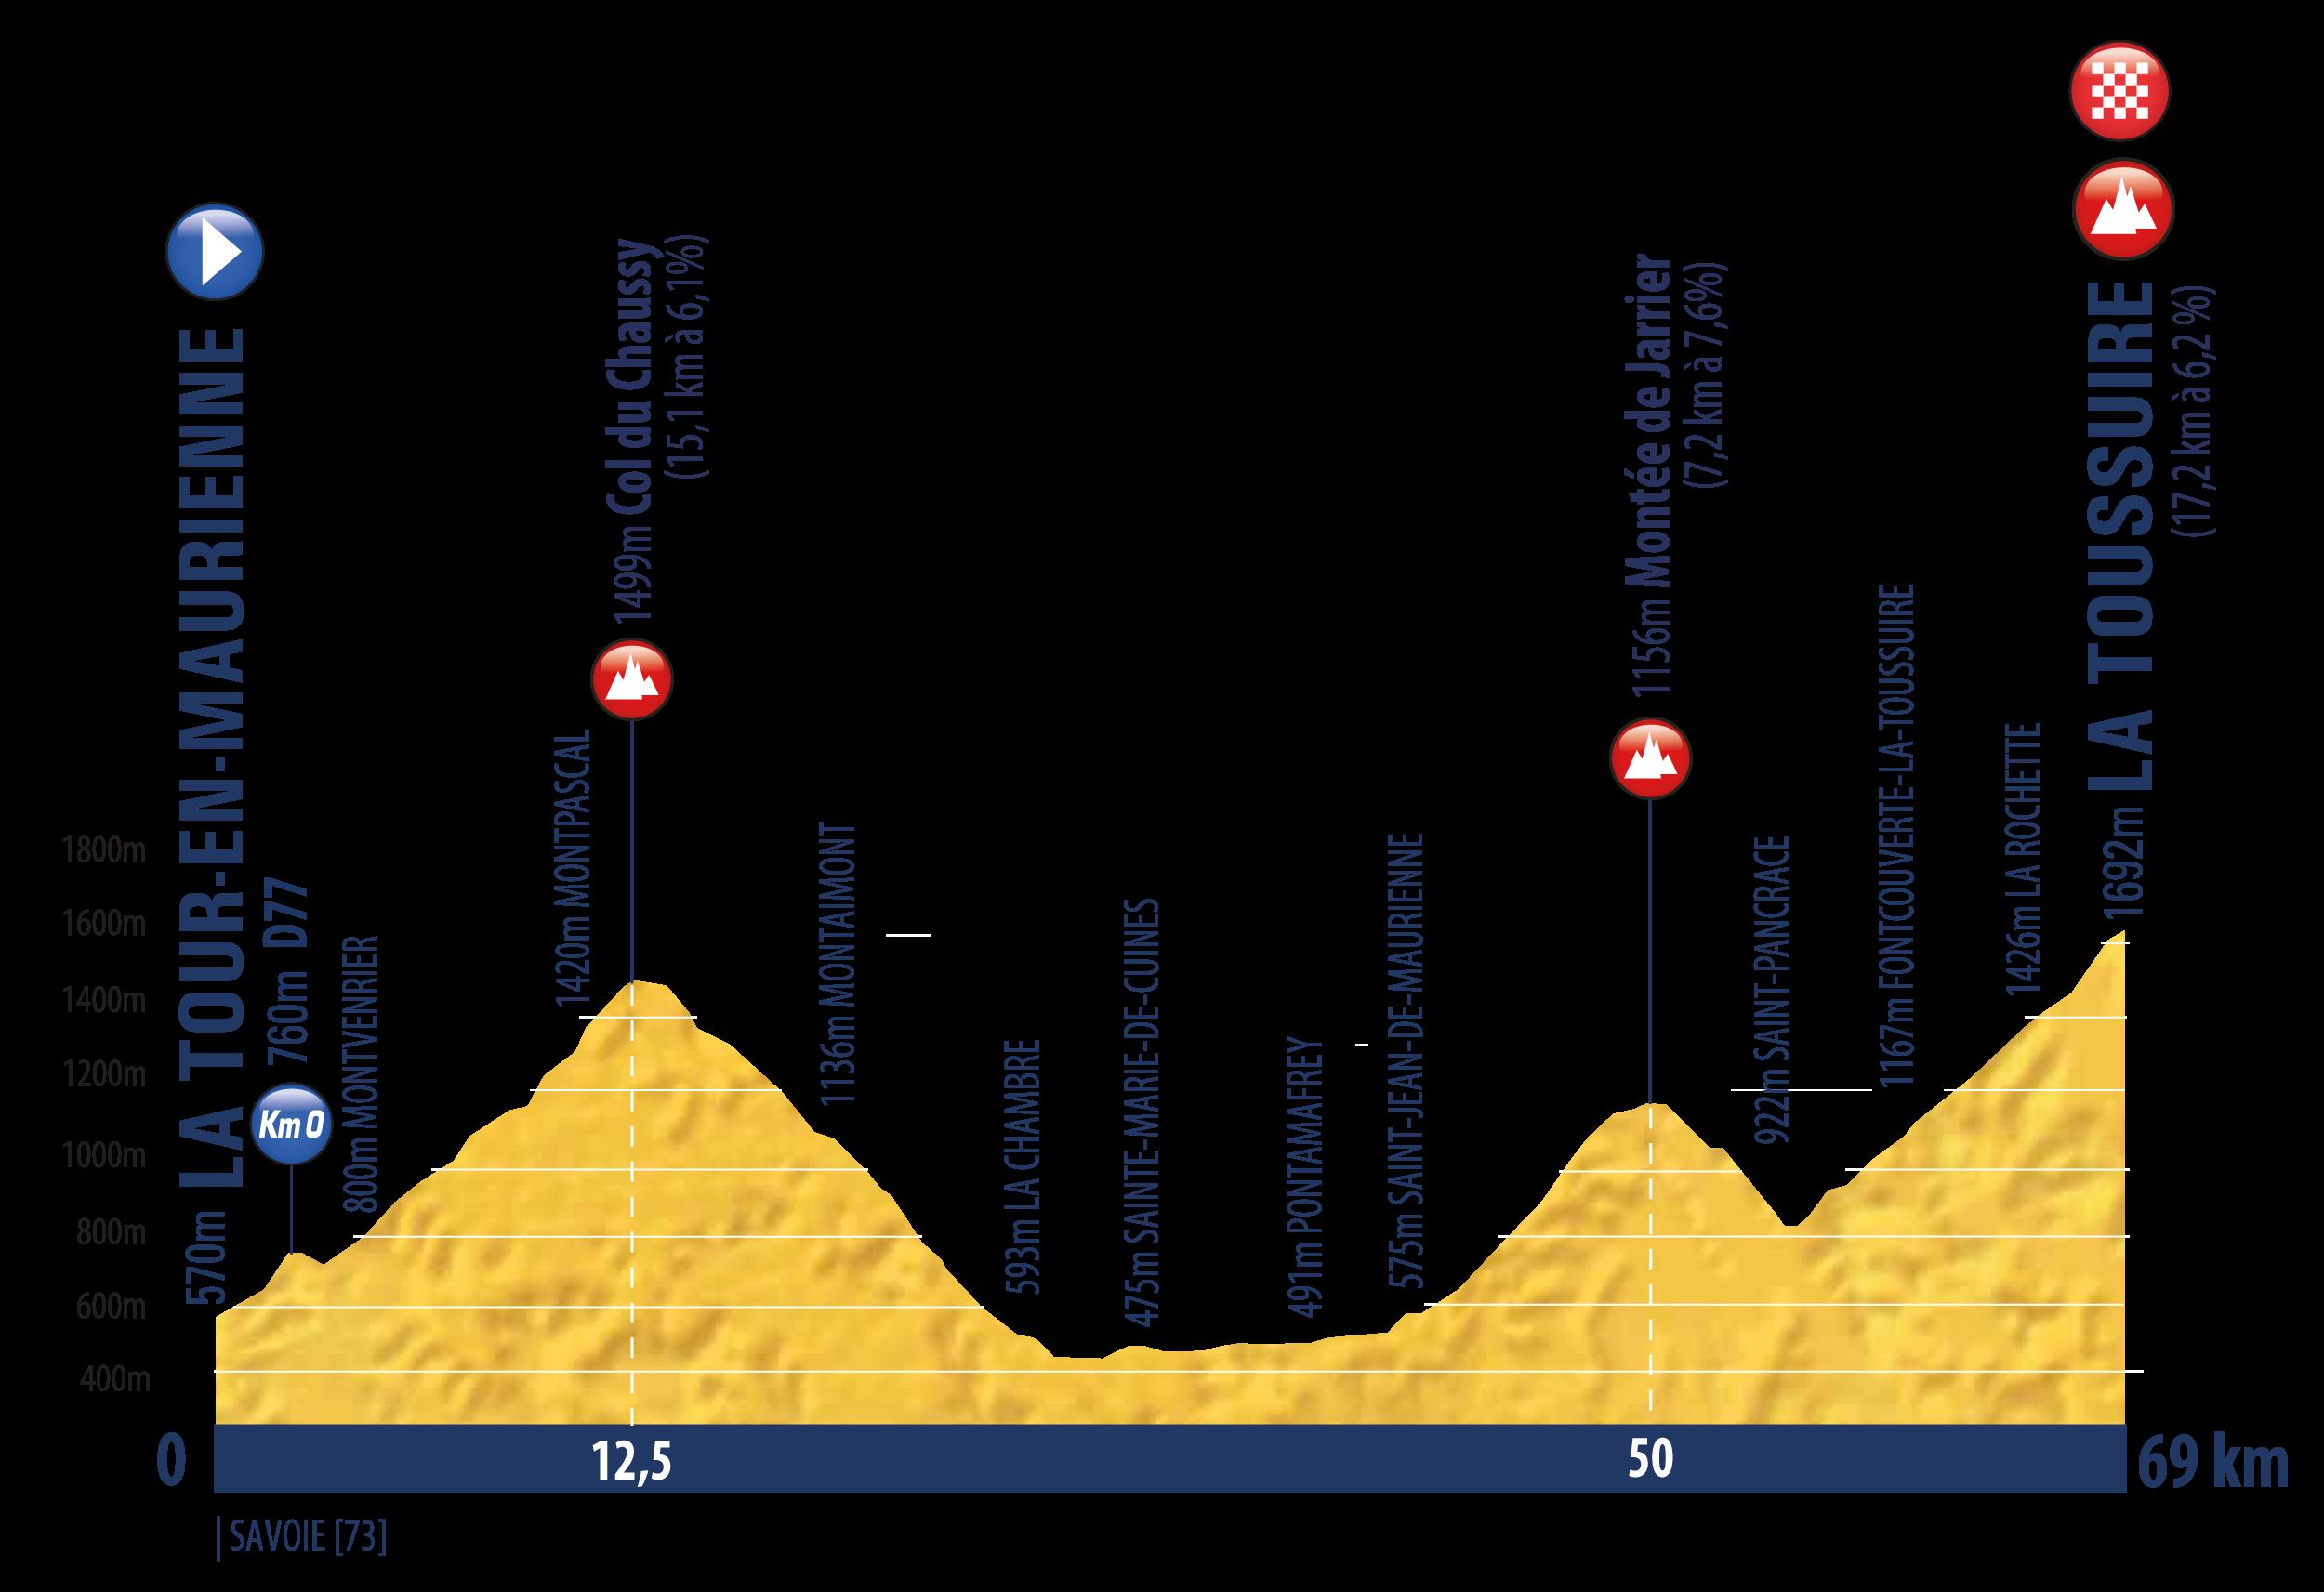 La Tour-en-Maurienne – La Toussuire. 69 km